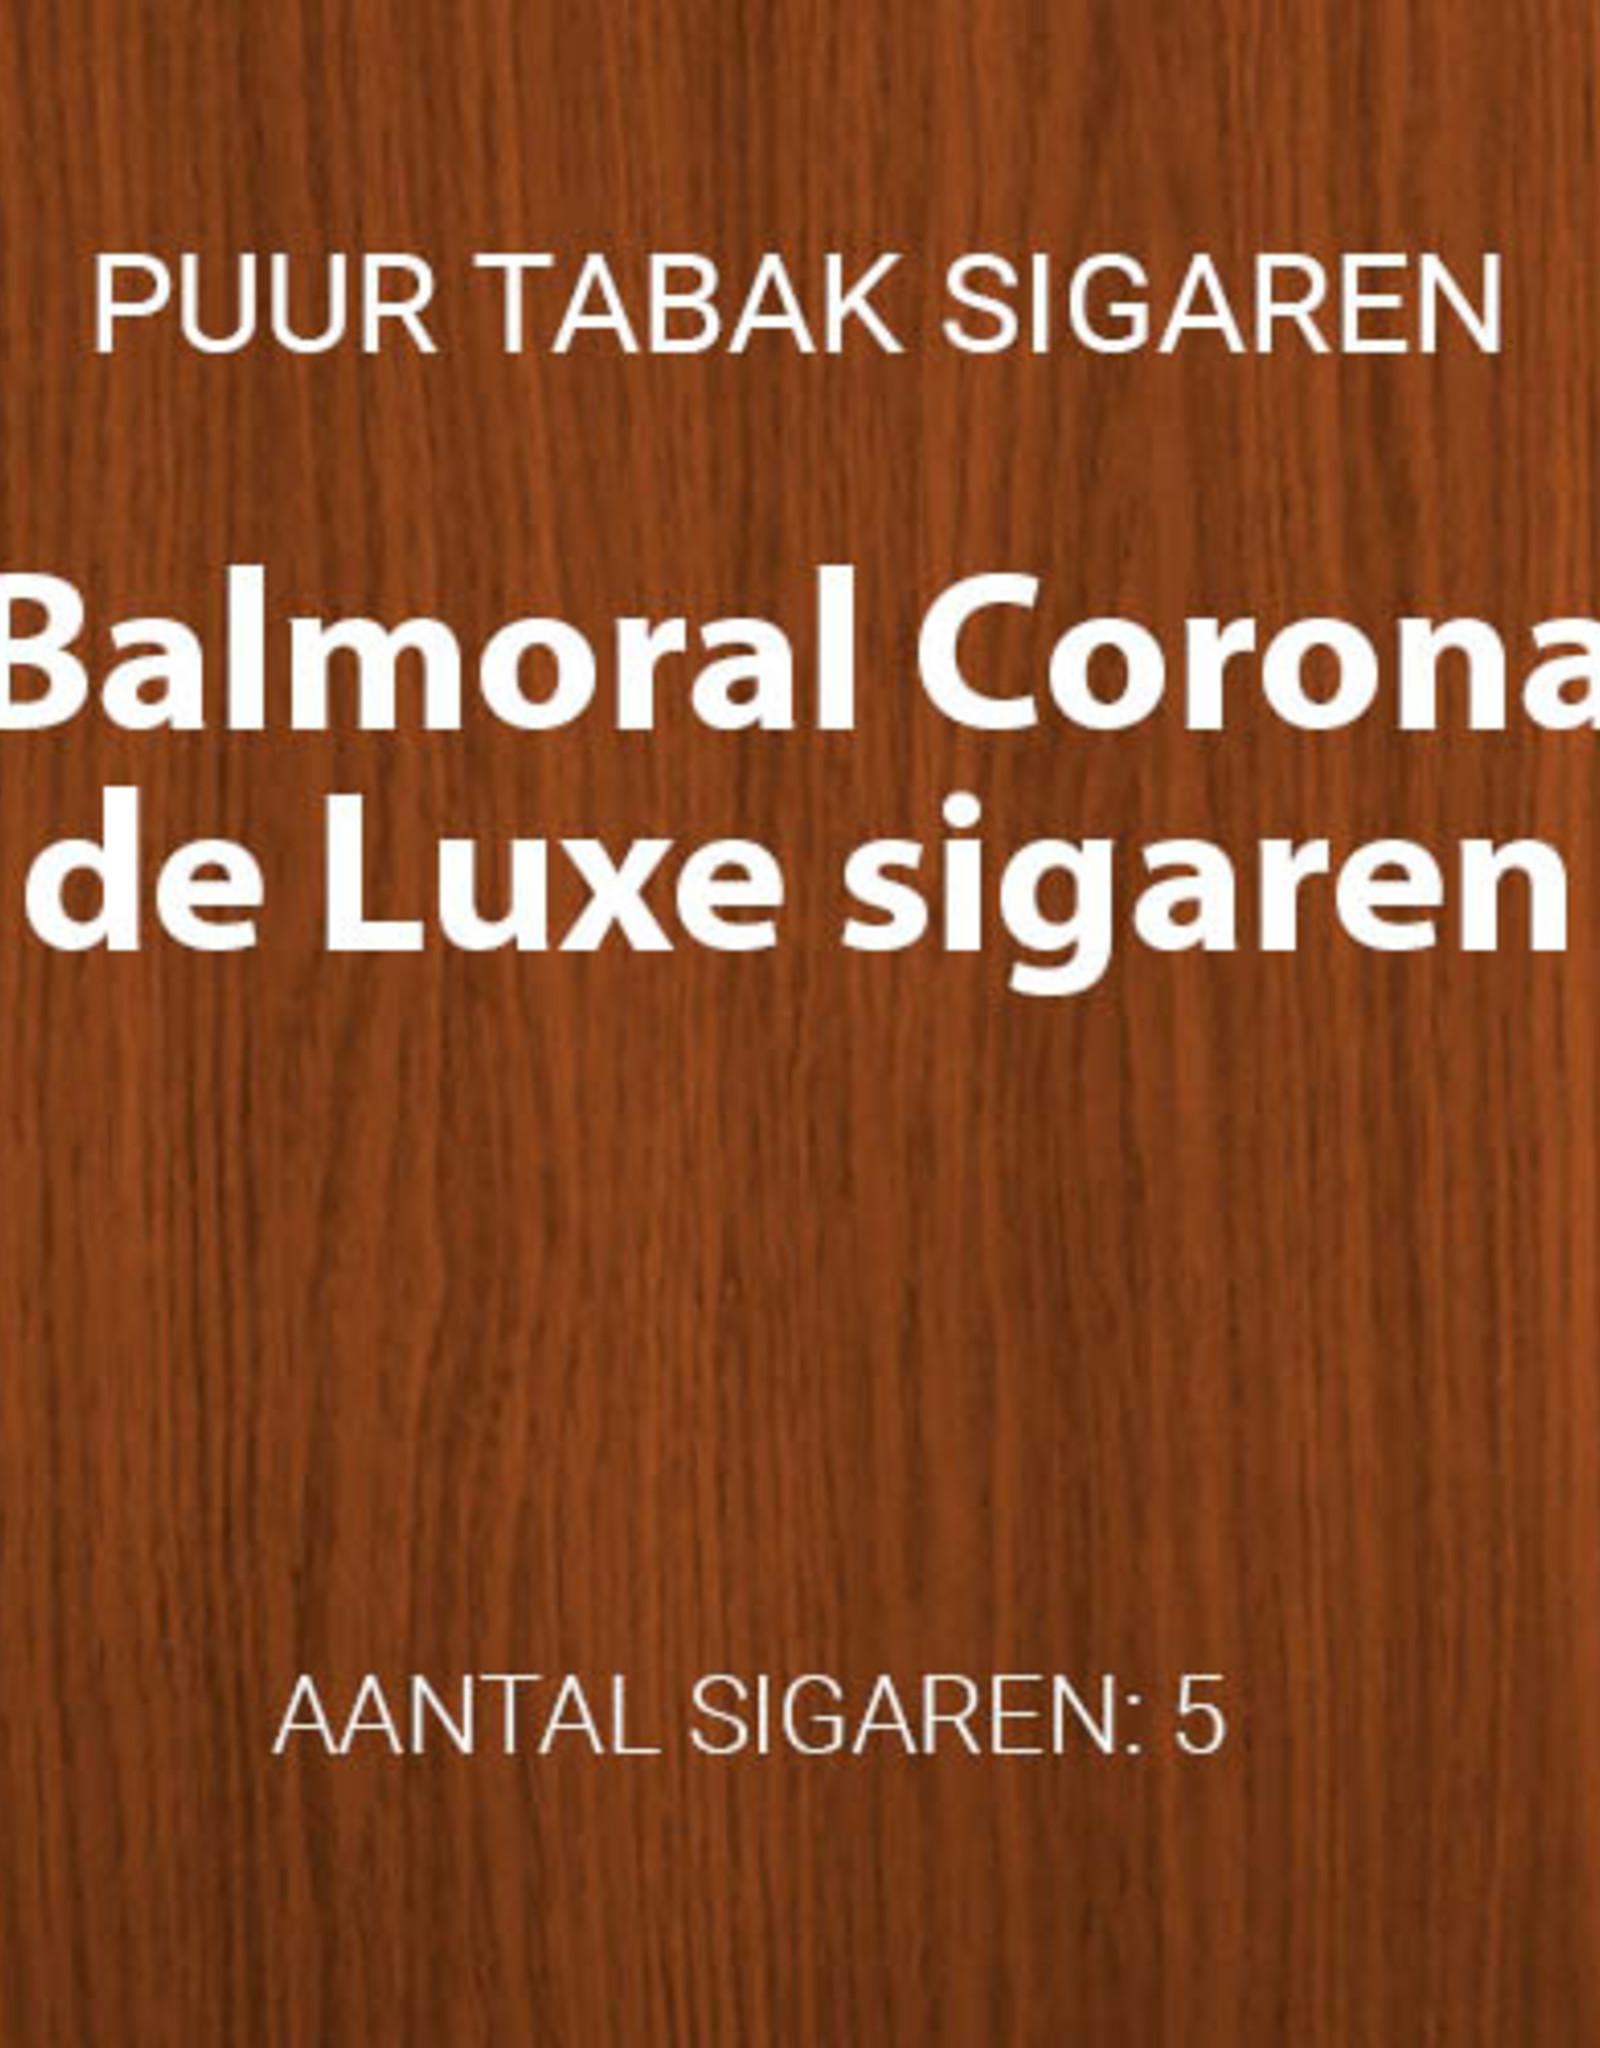 Balmoral Corona de Luxe